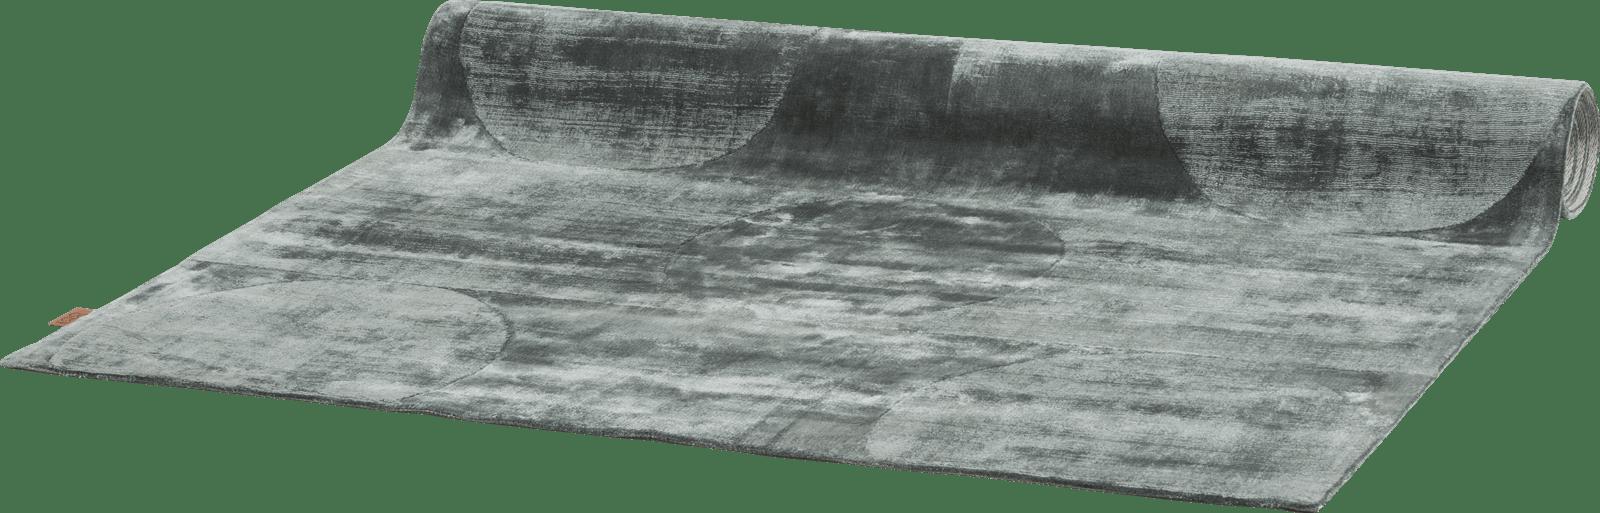 Coco Maison - carpet seaburry - 160 x 230 cm - 100% viscose